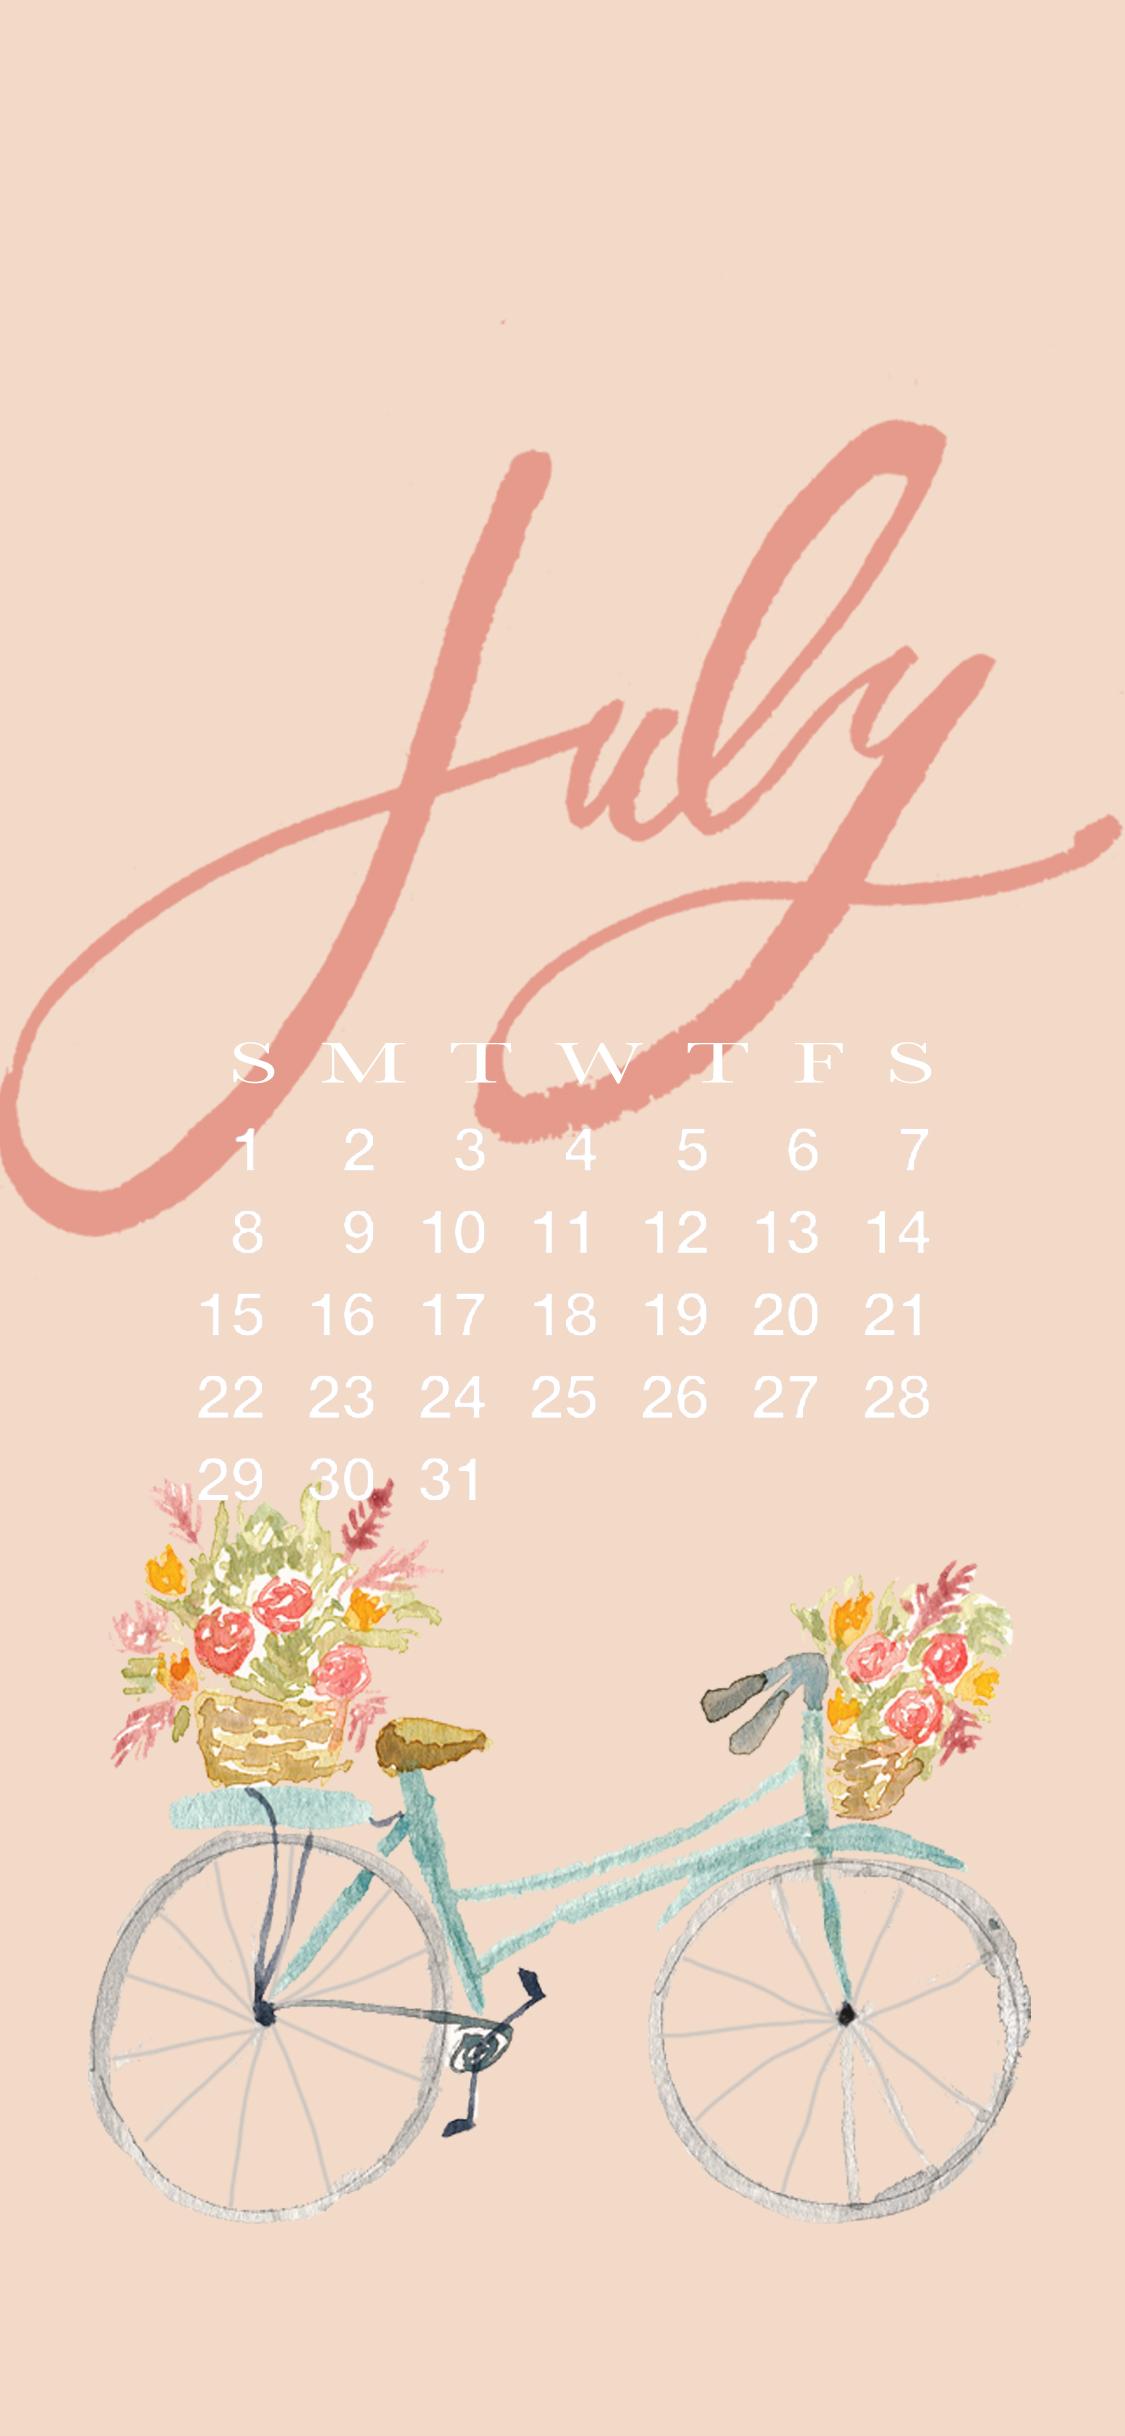 July iPhone Wallpaper - 2018 Calendar